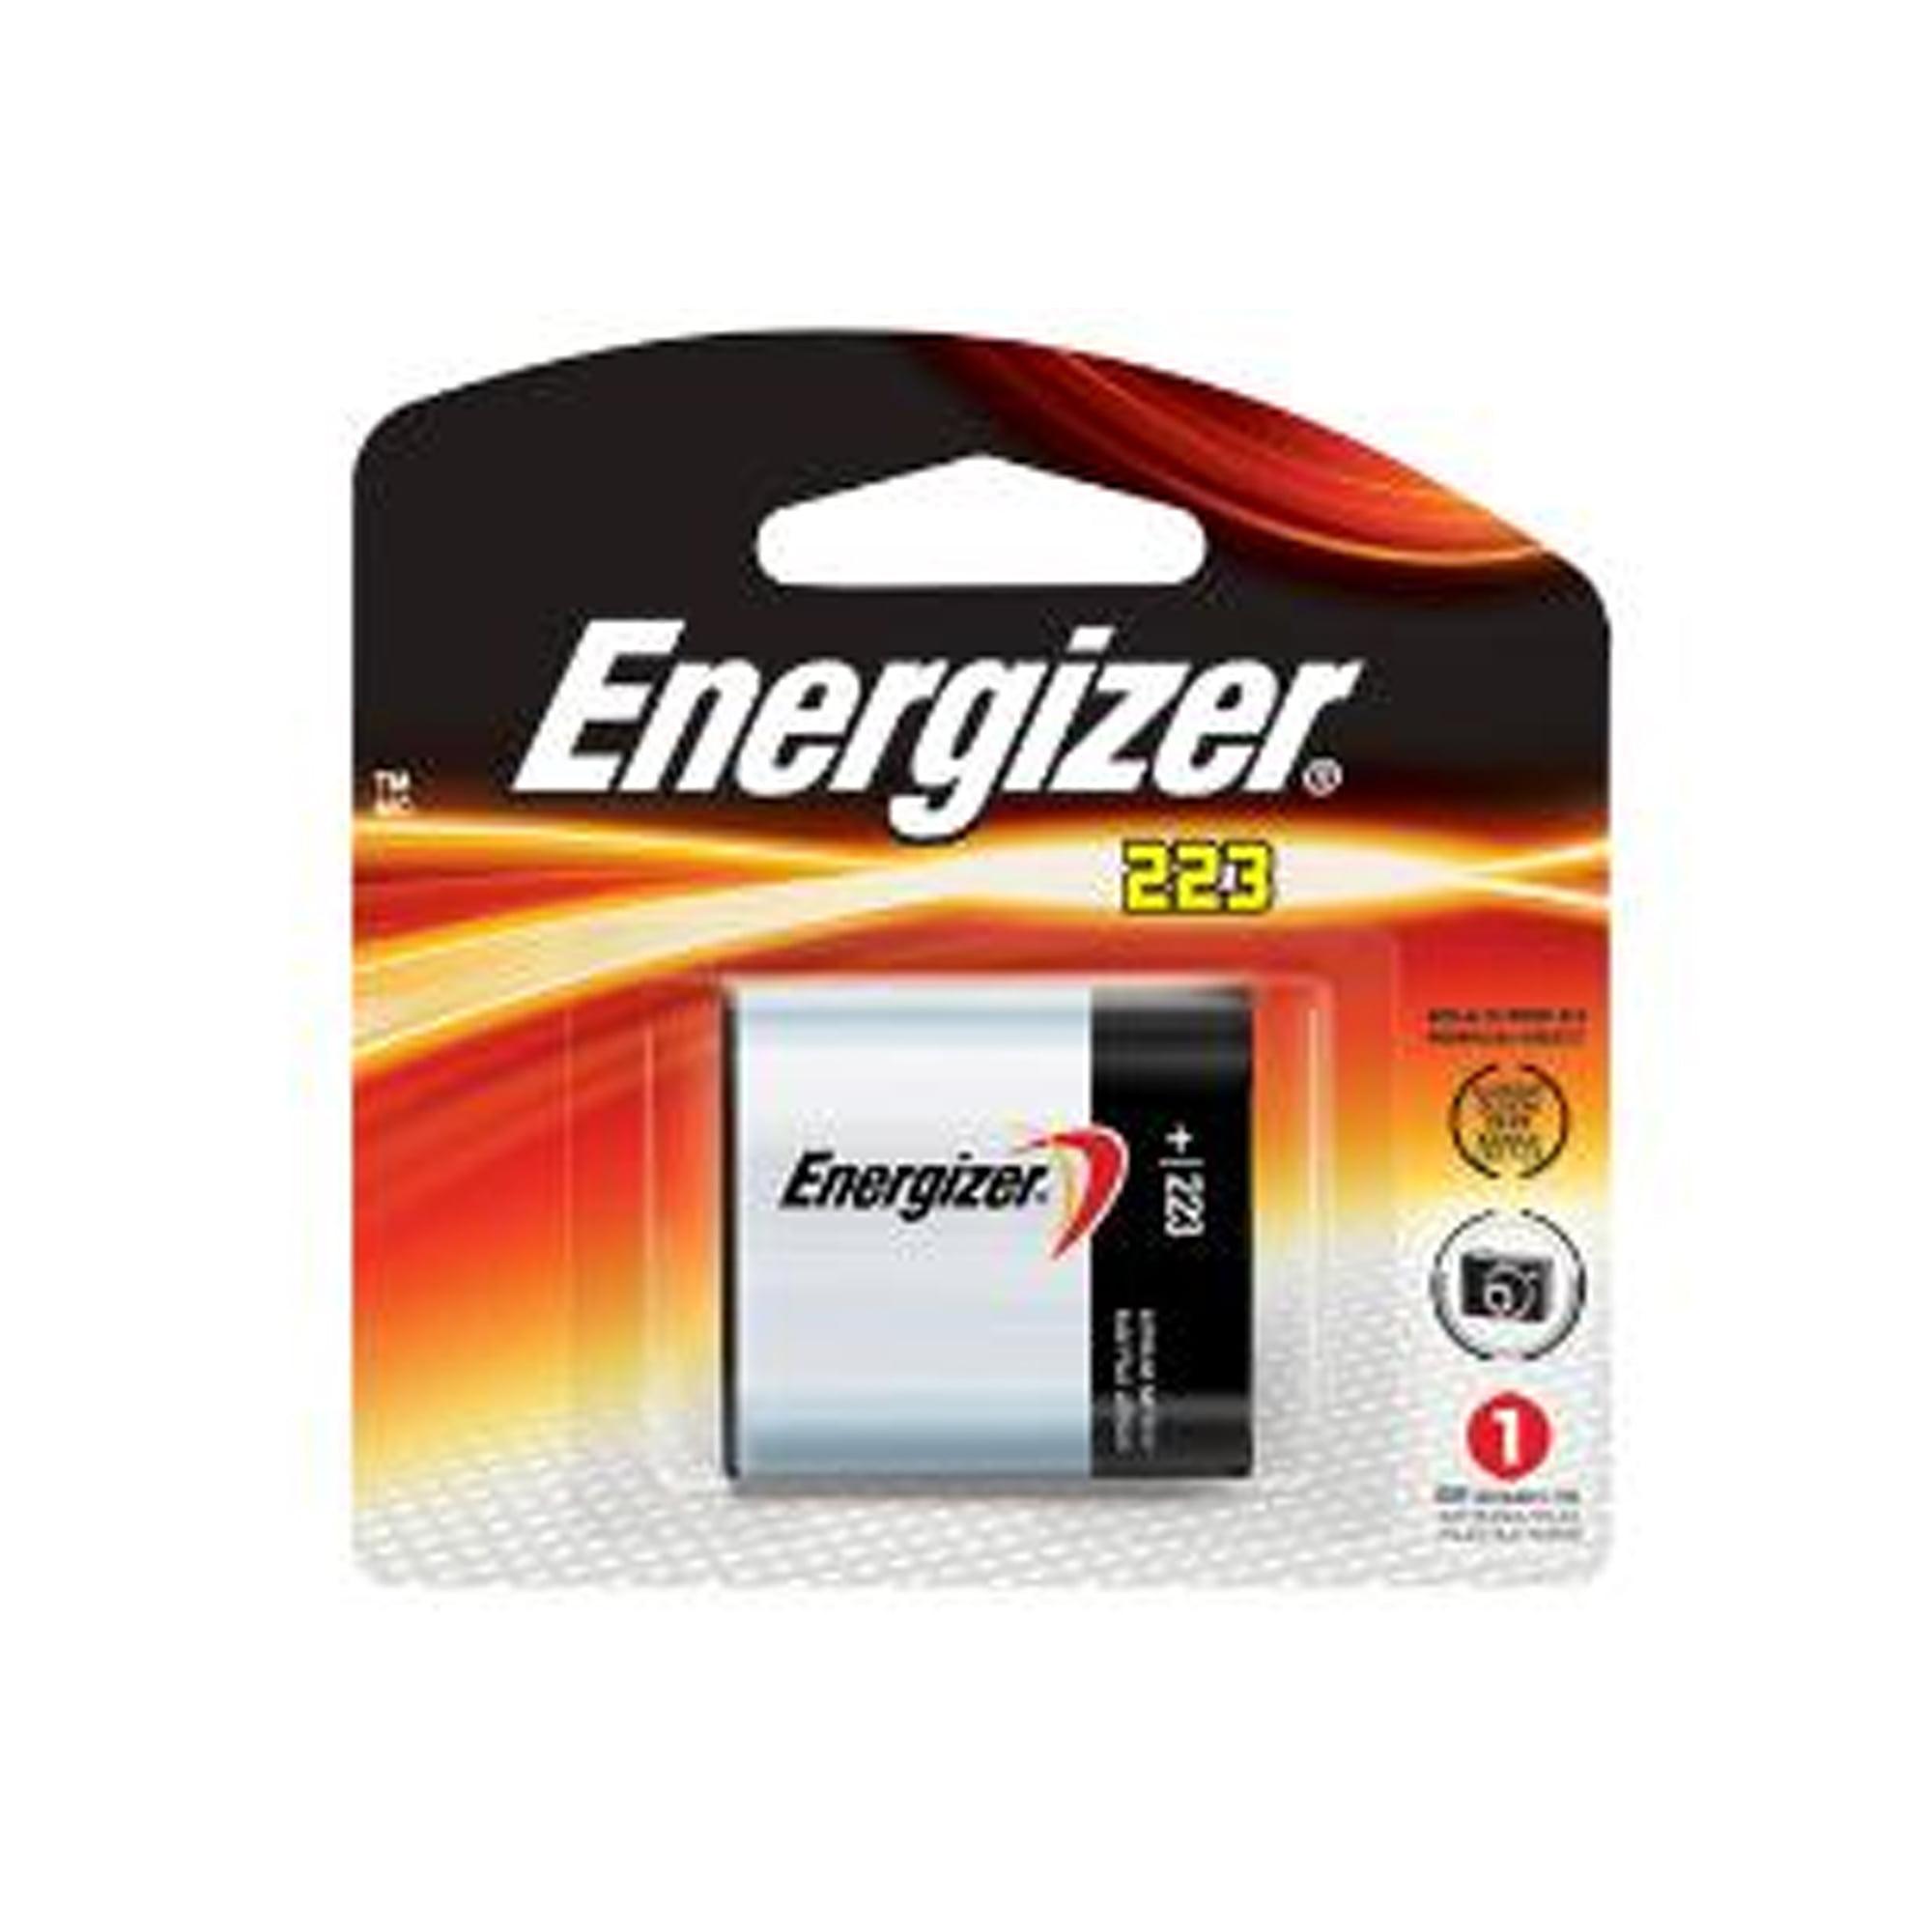 100-pack Energizer CRP2 (223A) 6 Volt Lithium Batteries (On a Card) - image 1 de 1